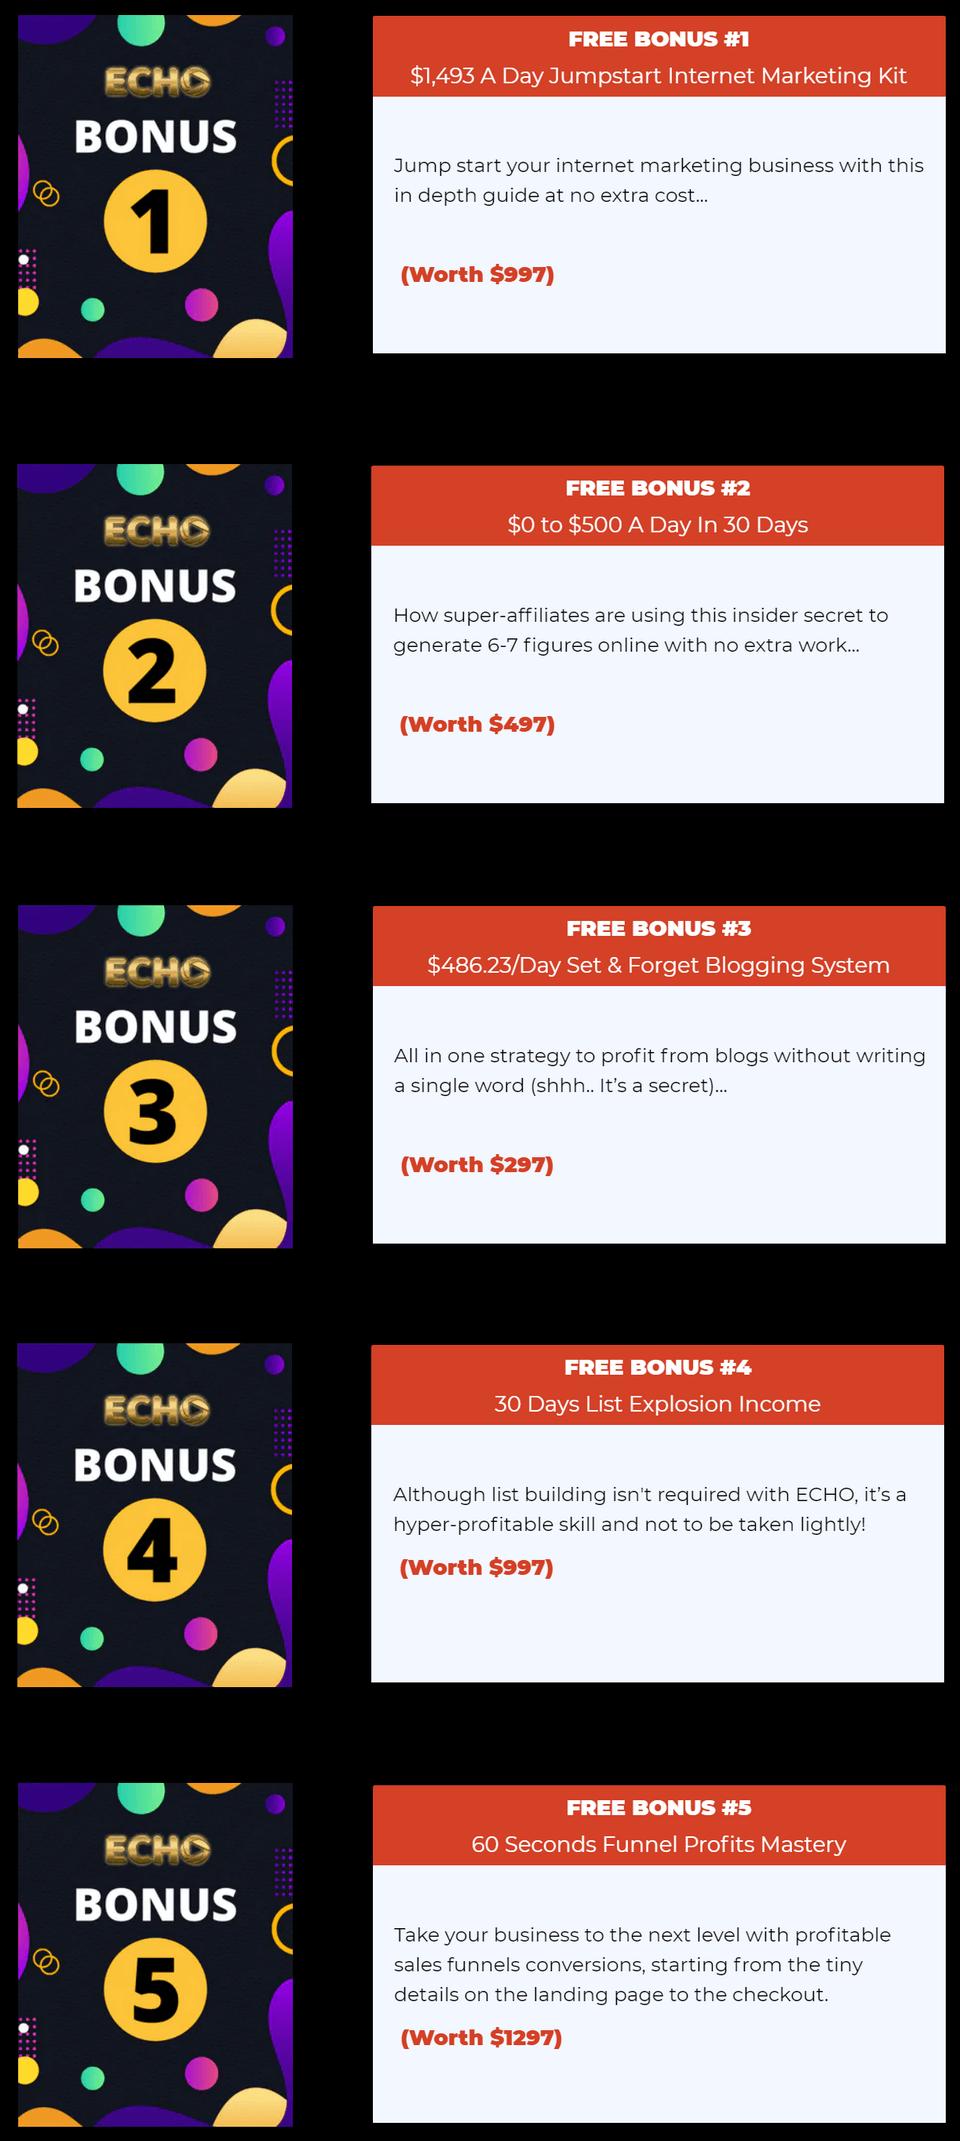 Echo-Bonus